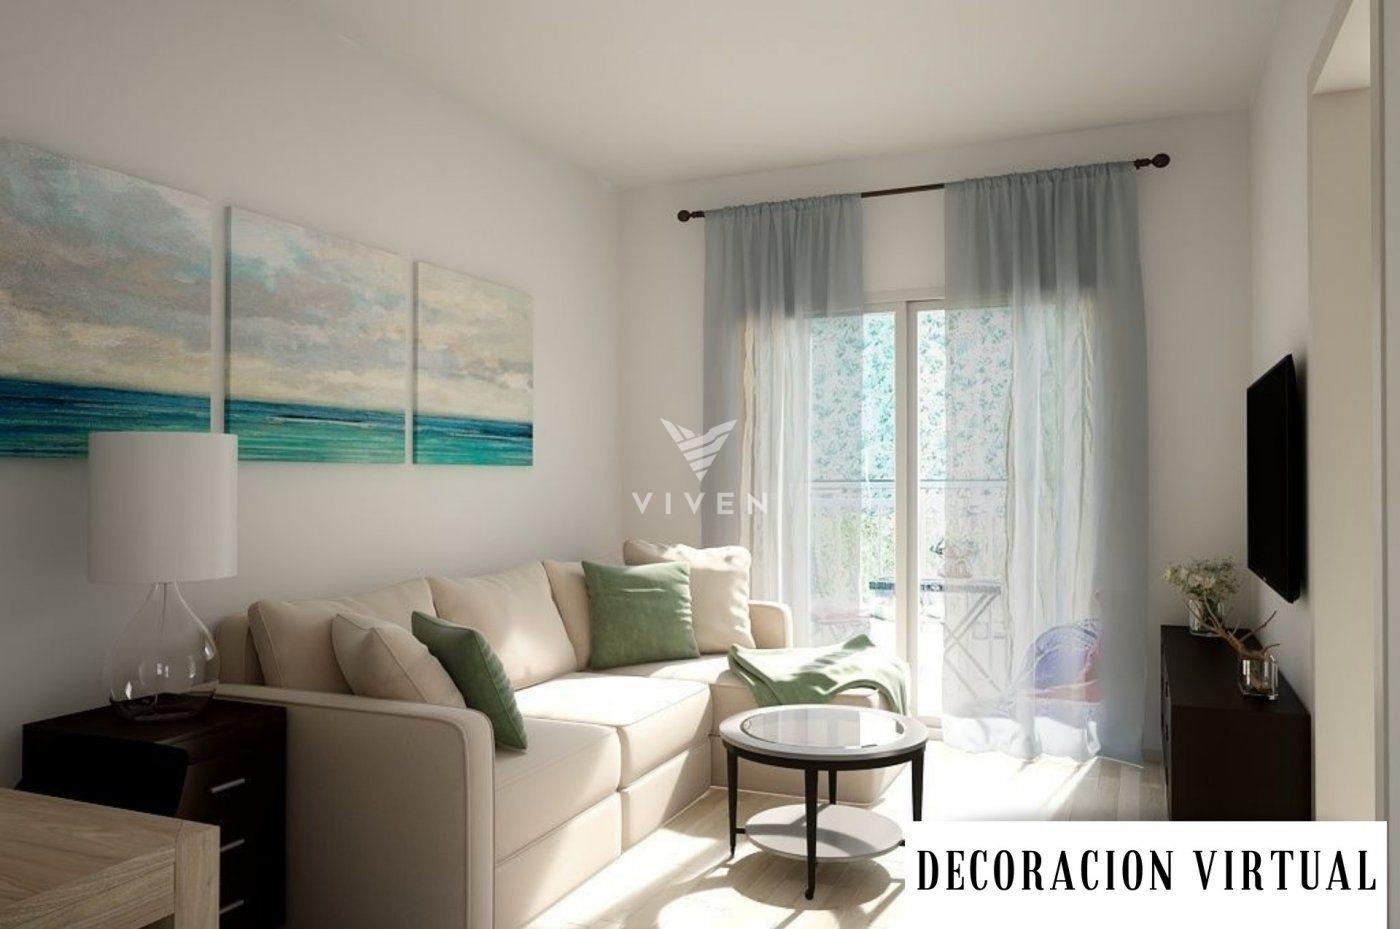 Flat for rent in La Geltru, Vilanova i la Geltru